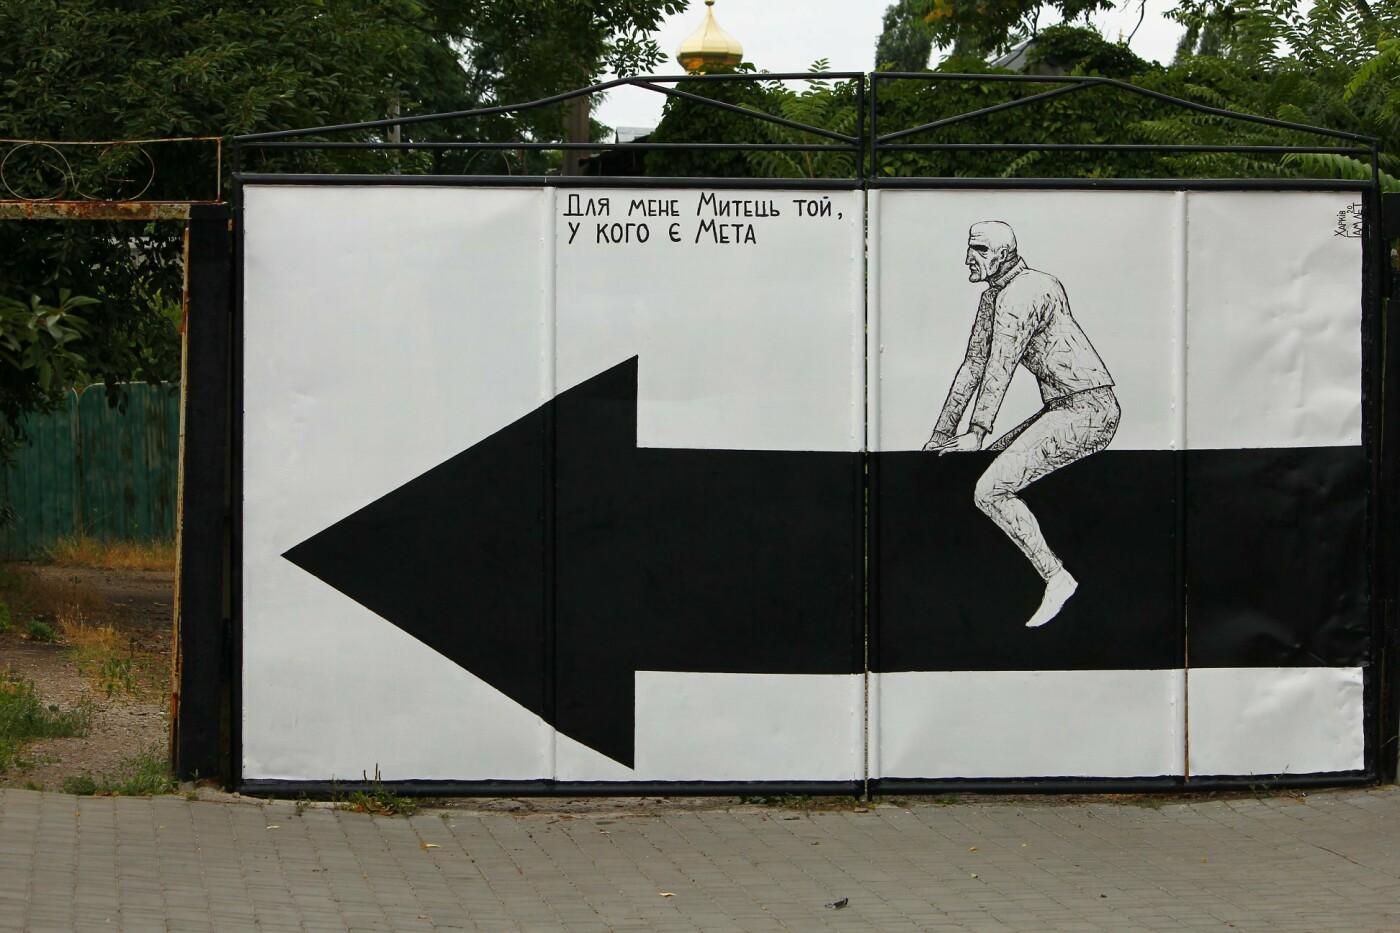 Подборка работ Гамлета Зиньковского в Бердянске, фото-6